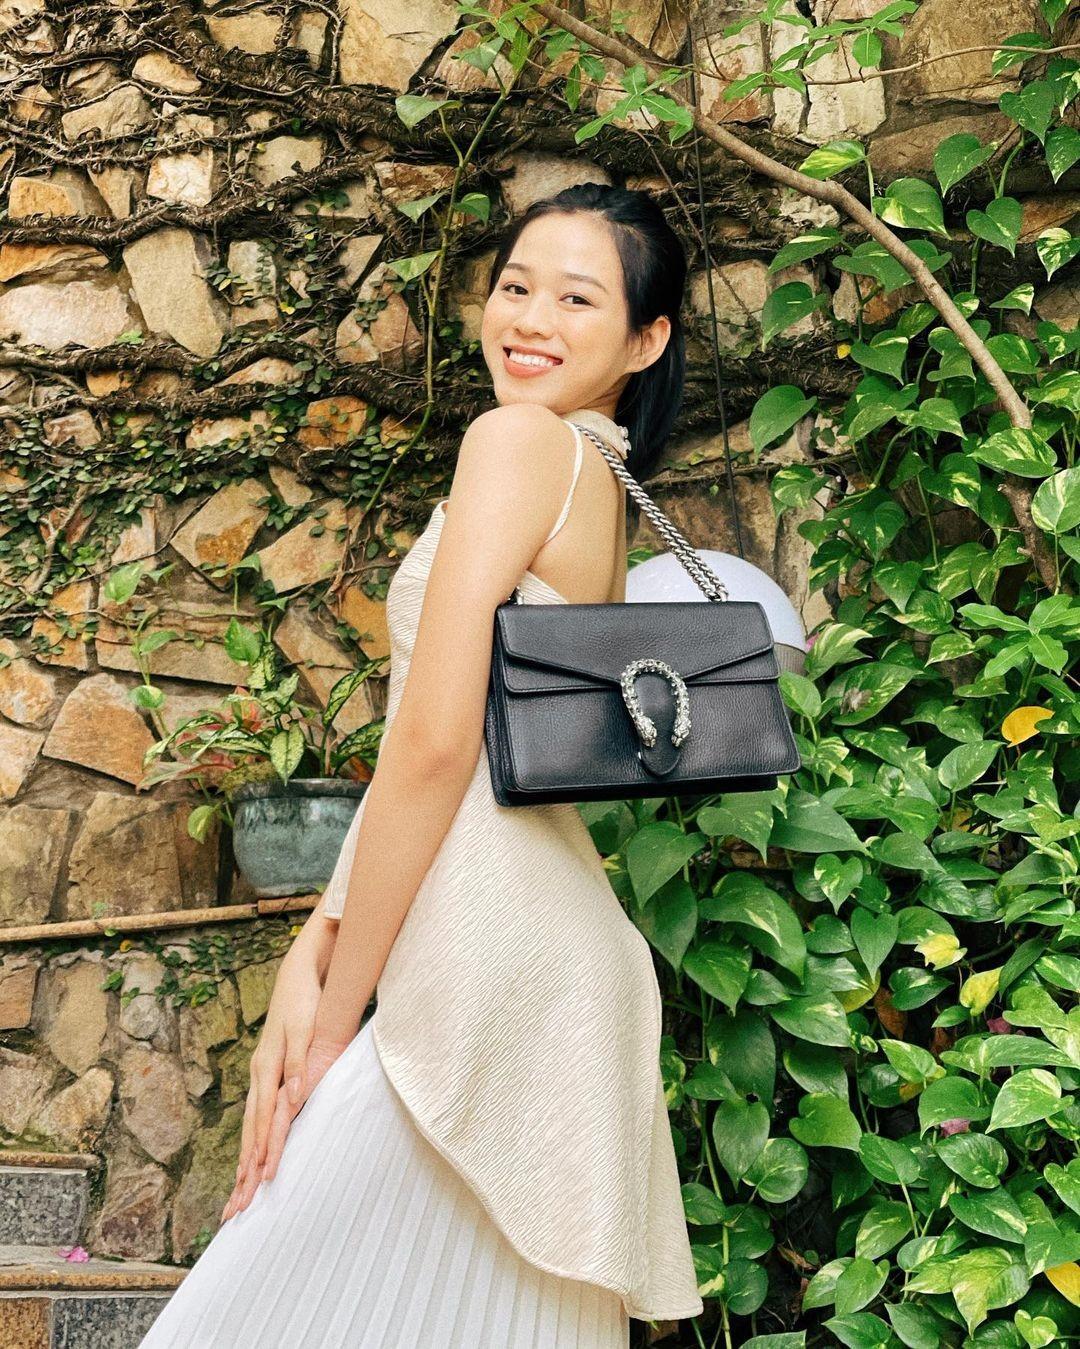 Hoa hậu Đỗ Thị Hà để mặt mộc vẫn đẹp rạng rỡ, H'hen Niê hoá 'nàng Xuân' với áo tứ thân ảnh 1